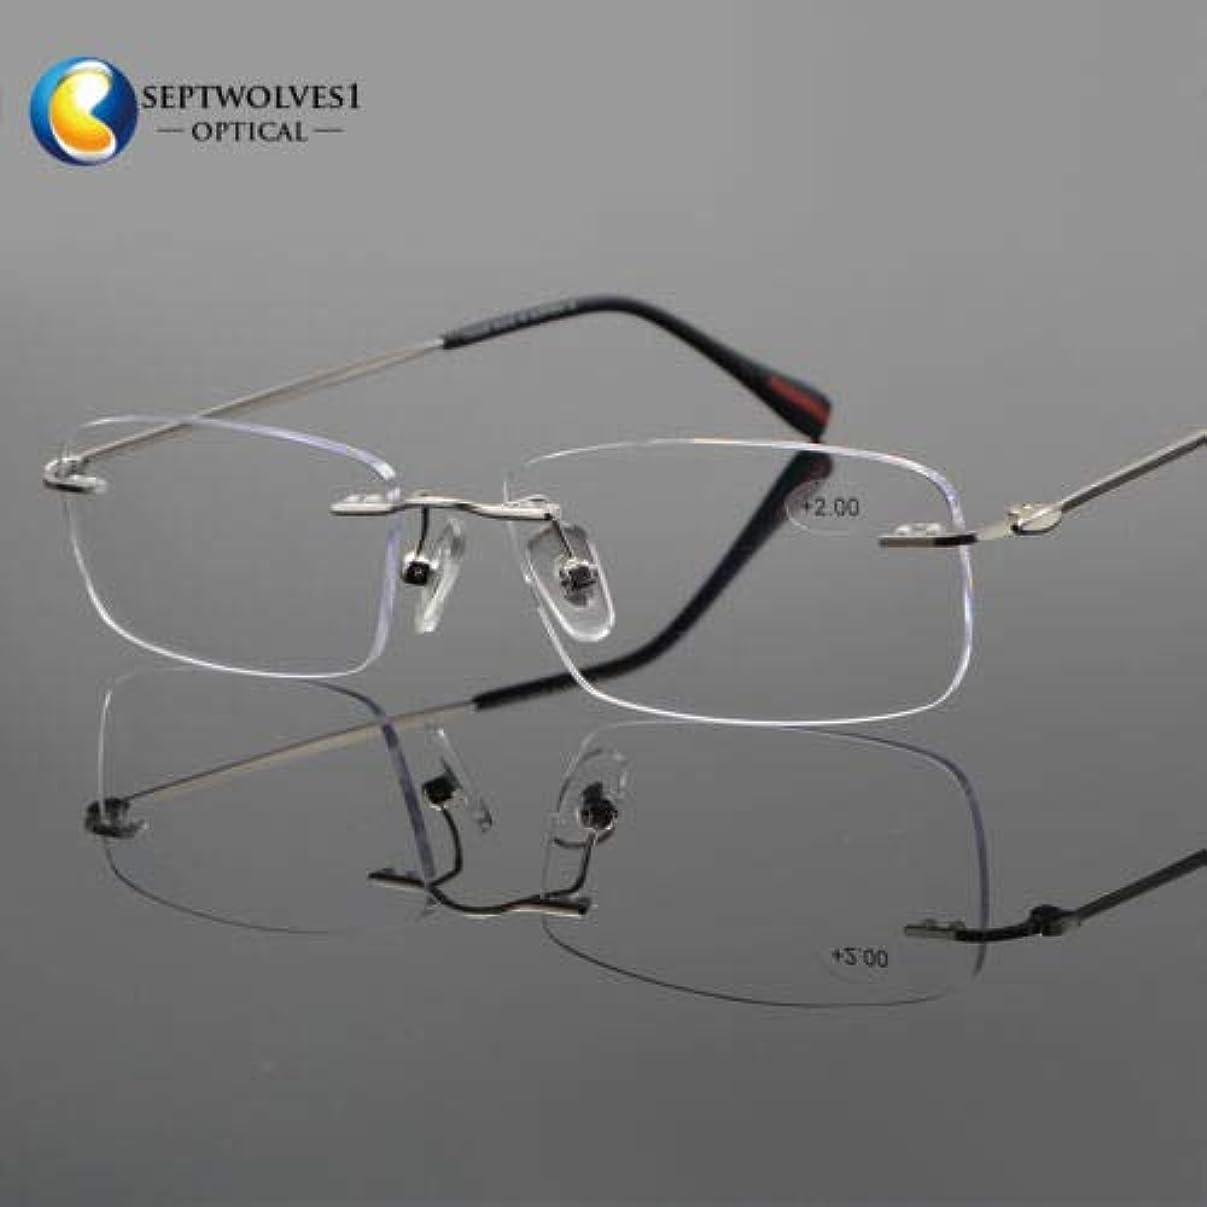 FidgetGear 新しいβチタン縁なし老眼鏡UV400コーティングレンズリーダー+0.00?+ 5.00 銀